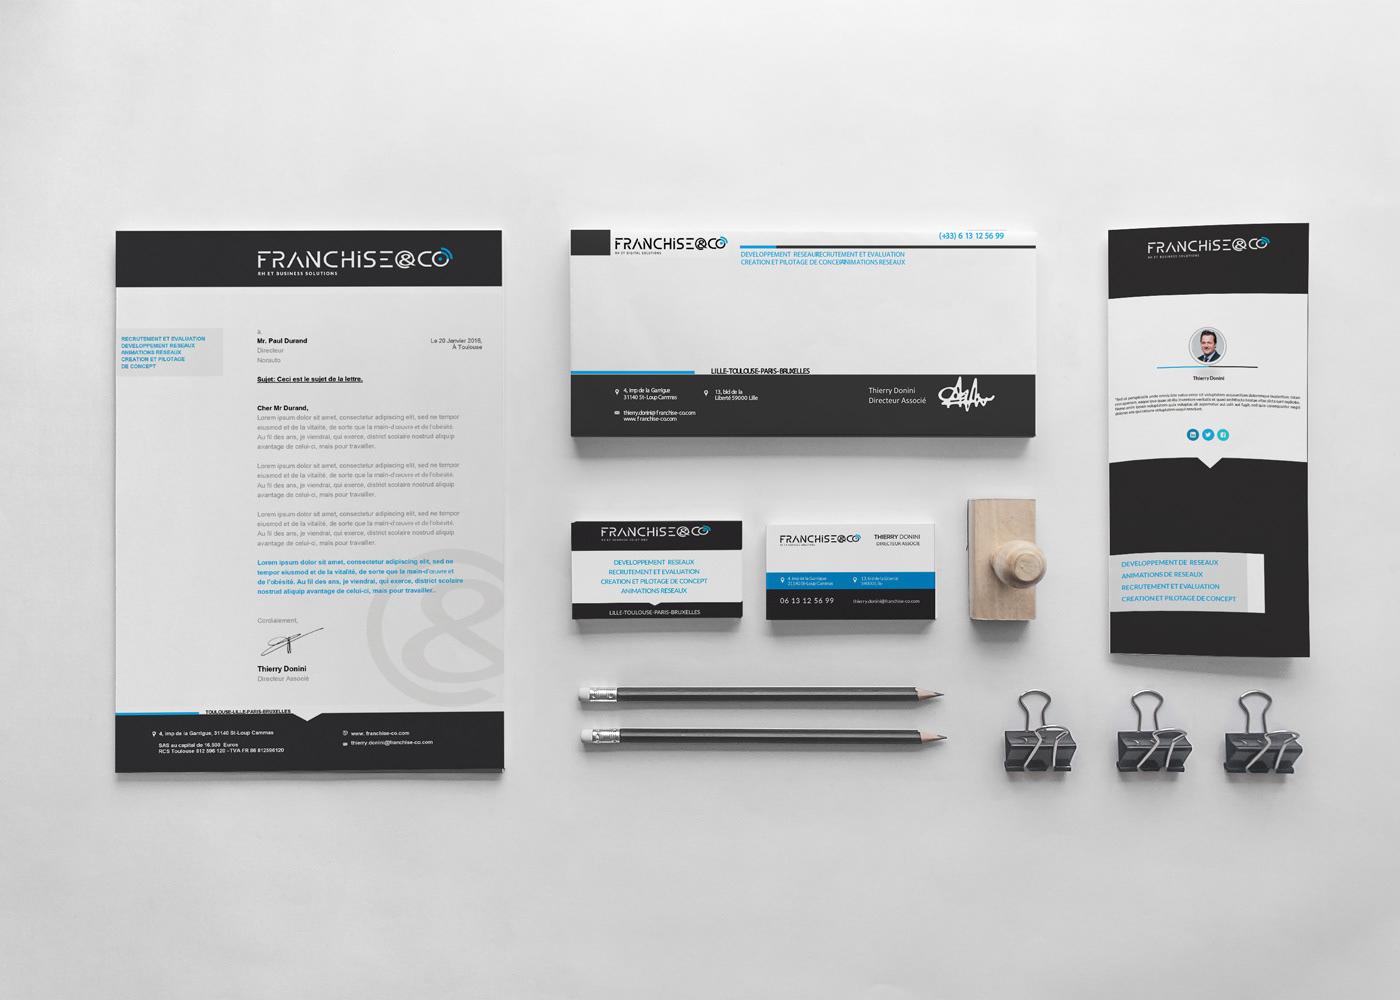 loolye labat graphiste webdesigner logo charte graphique franchise co toulouse. Black Bedroom Furniture Sets. Home Design Ideas